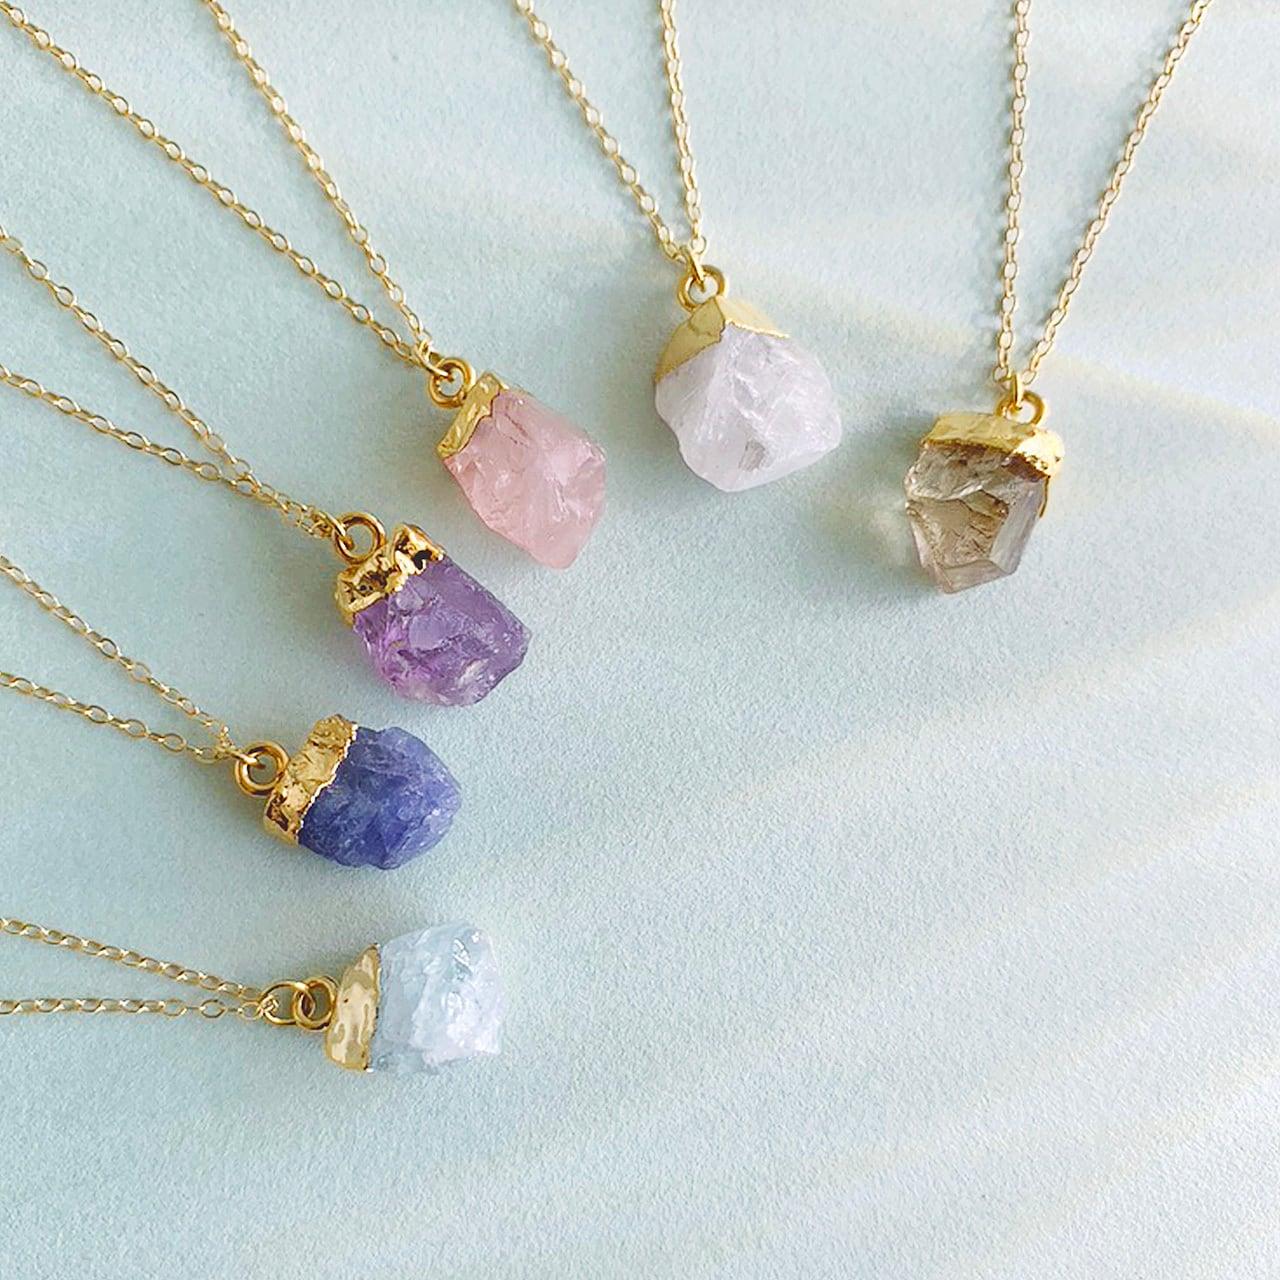 Birth stone necklace (Rose quartz) OBH-49